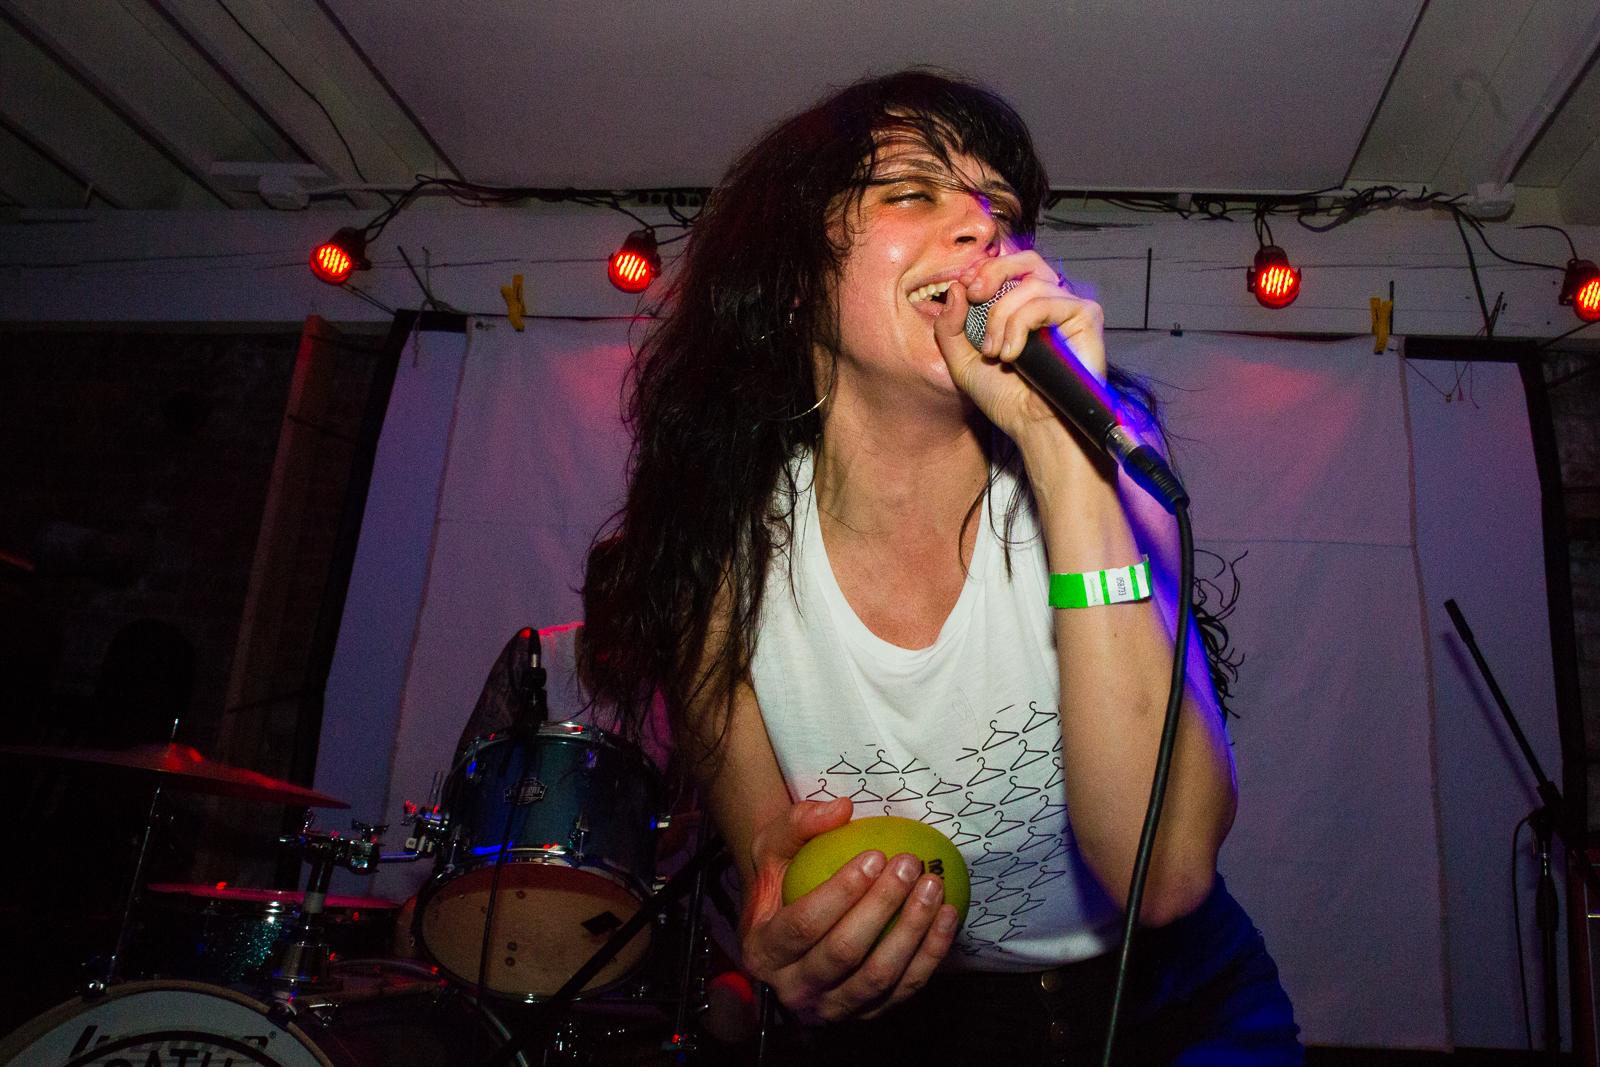 JeanetteDMoses-Sunnyvale-29.jpg